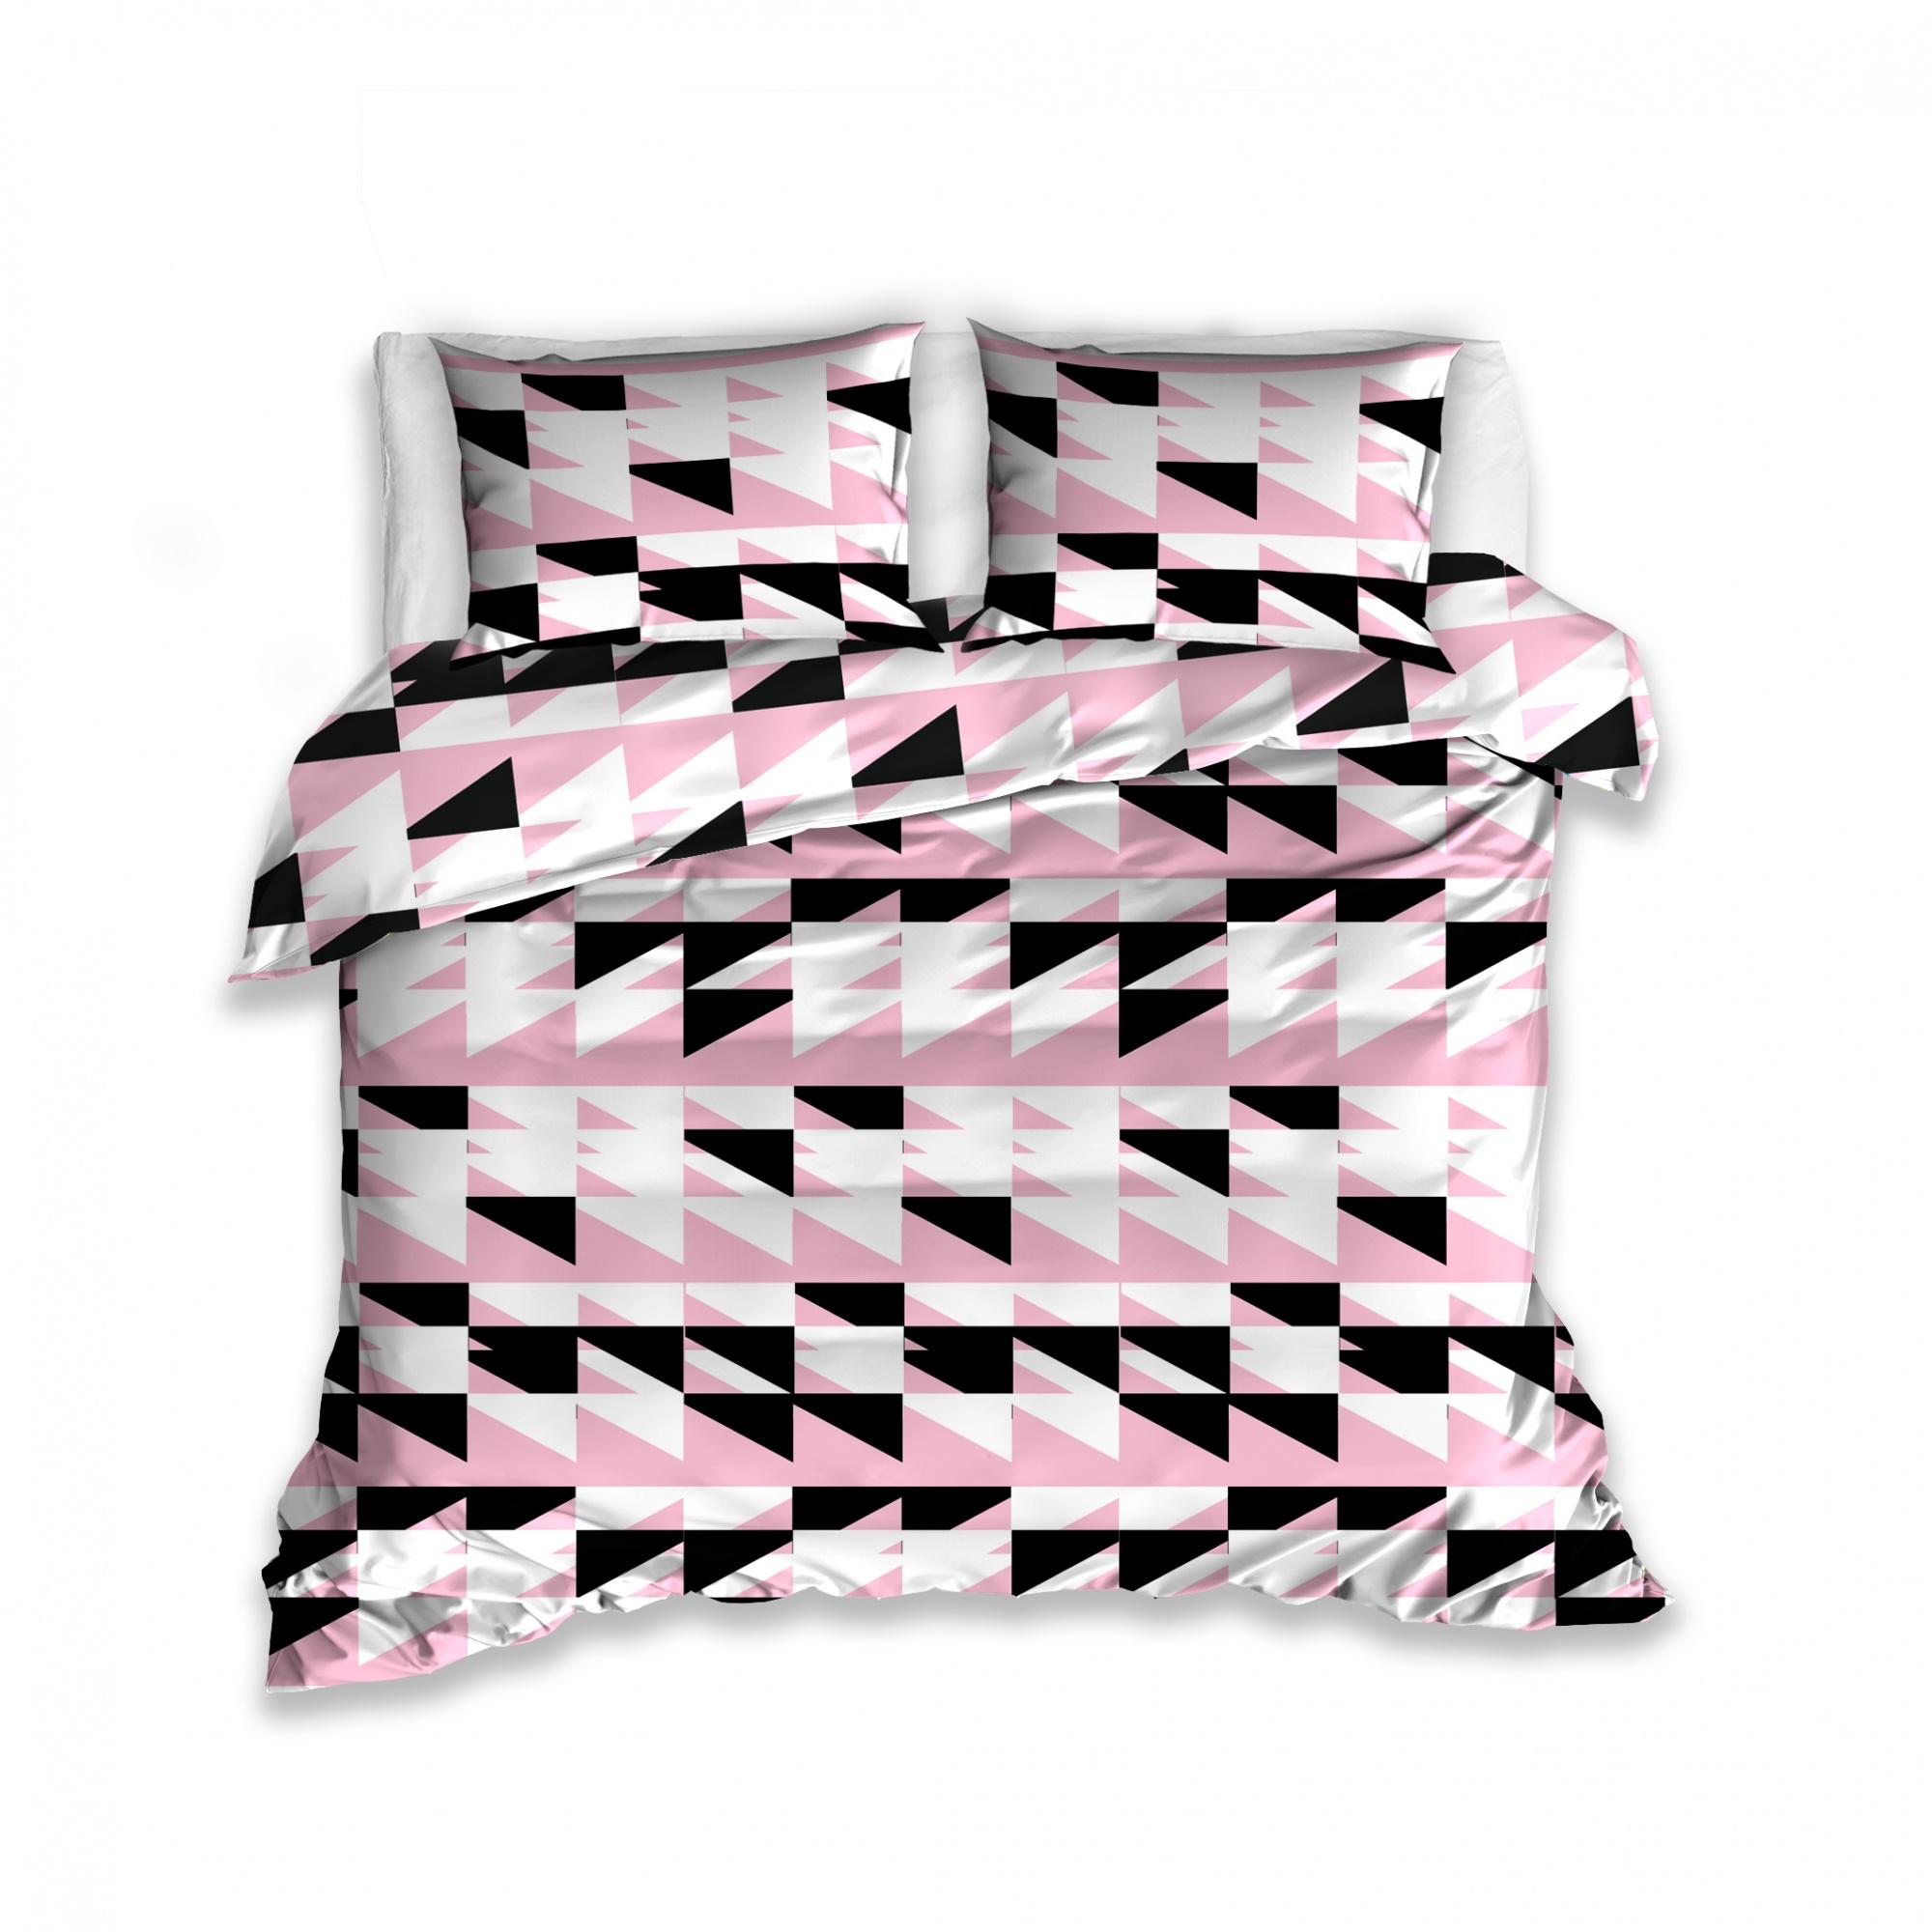 Carbotex Dekbedovertrek driehoek motief roze 160 x 200 cm